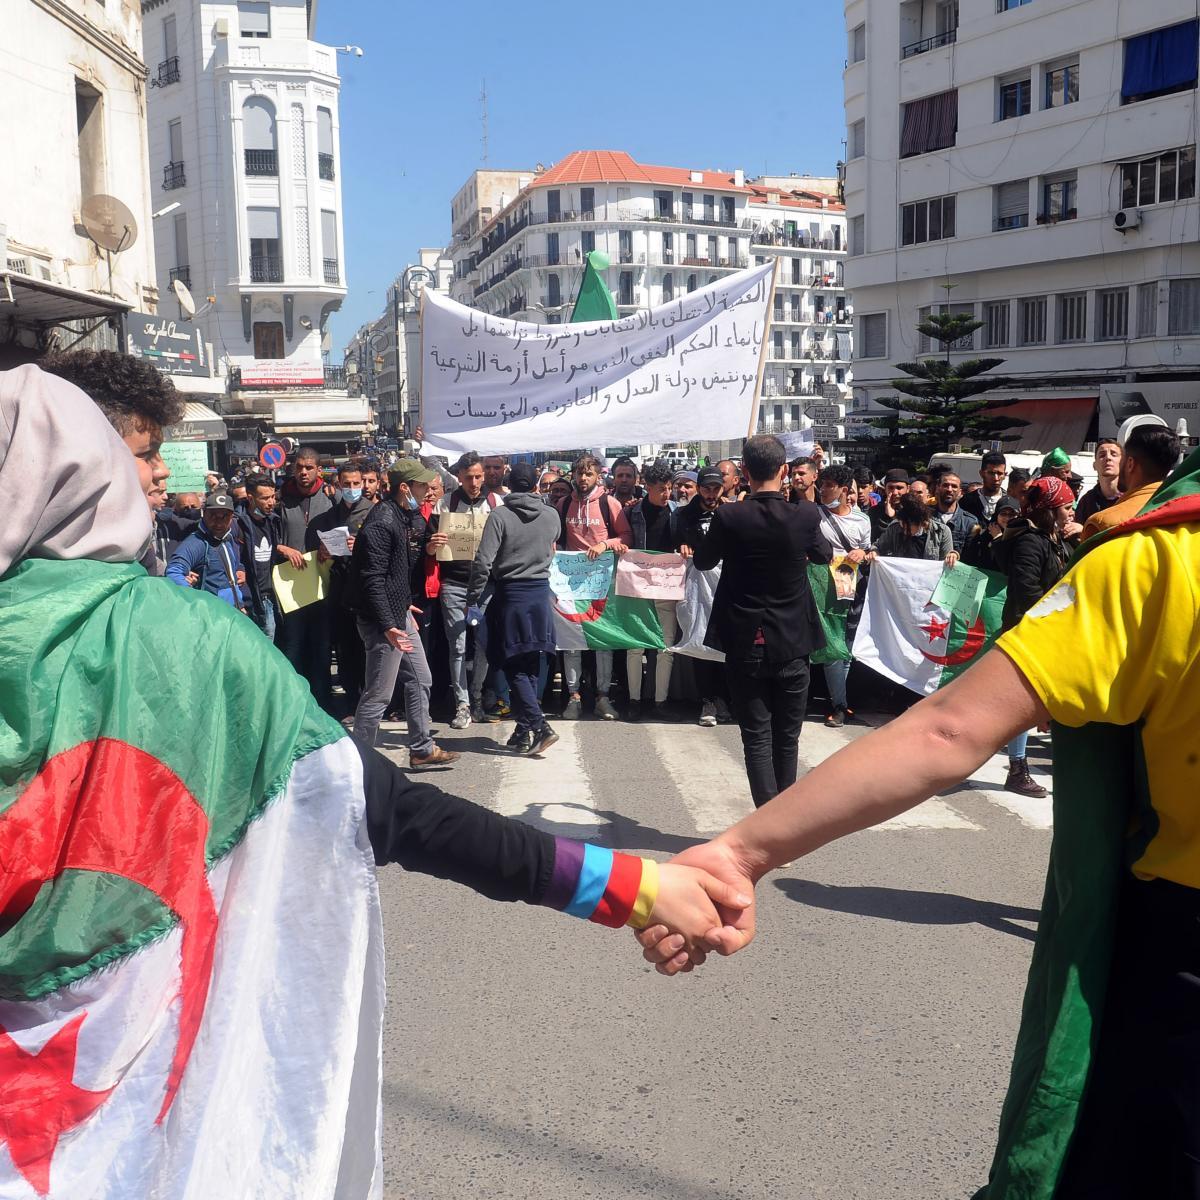 من التظاهرات الرافضة للنتخابات البرلمانية المقبلة (مصعب الرويبي/ الأناضول)